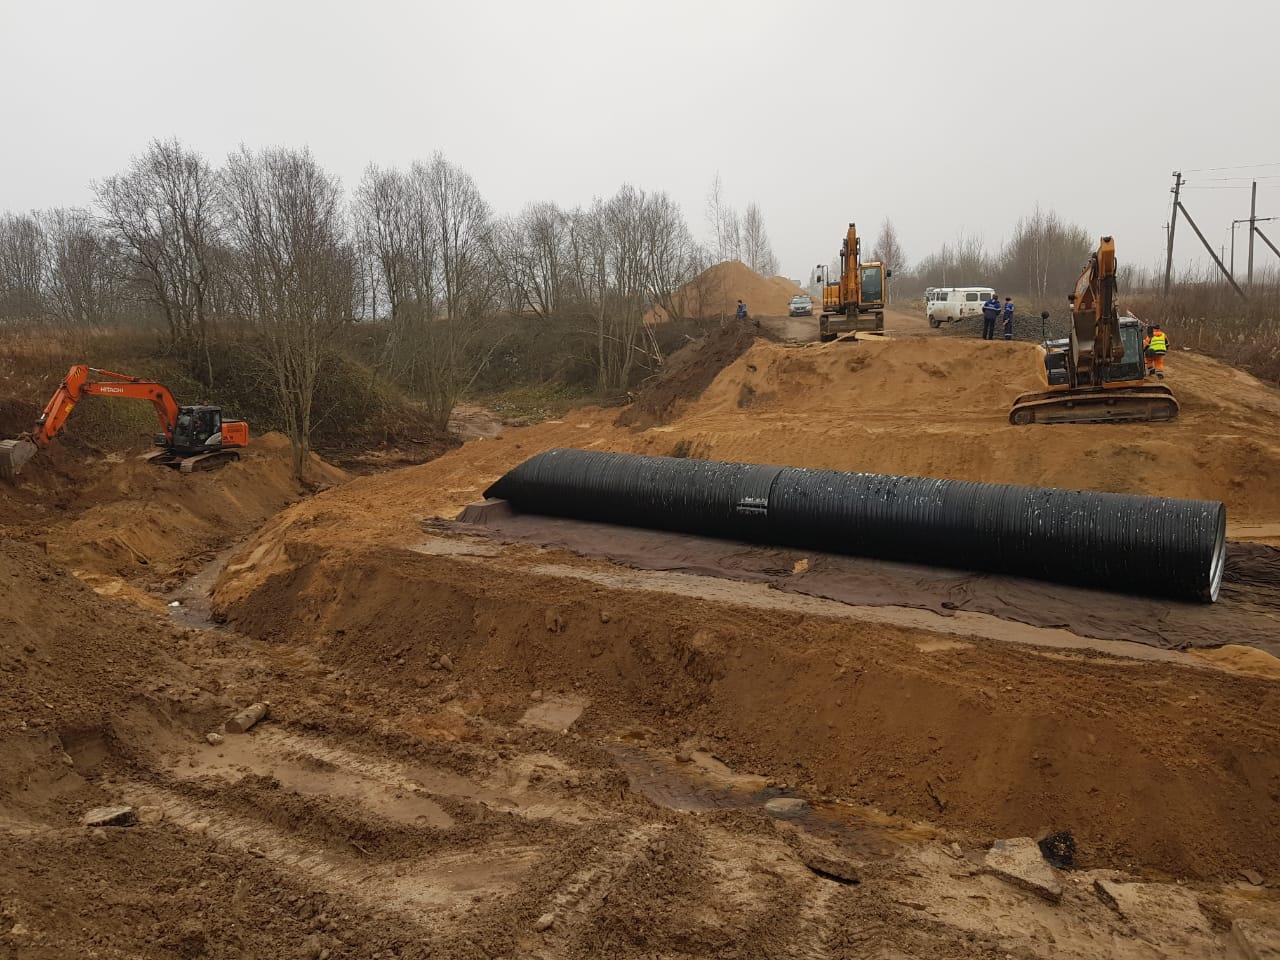 На размытом участке дороги «Москва - Санкт-Петербург» - Гирино установлена водопропускная труба